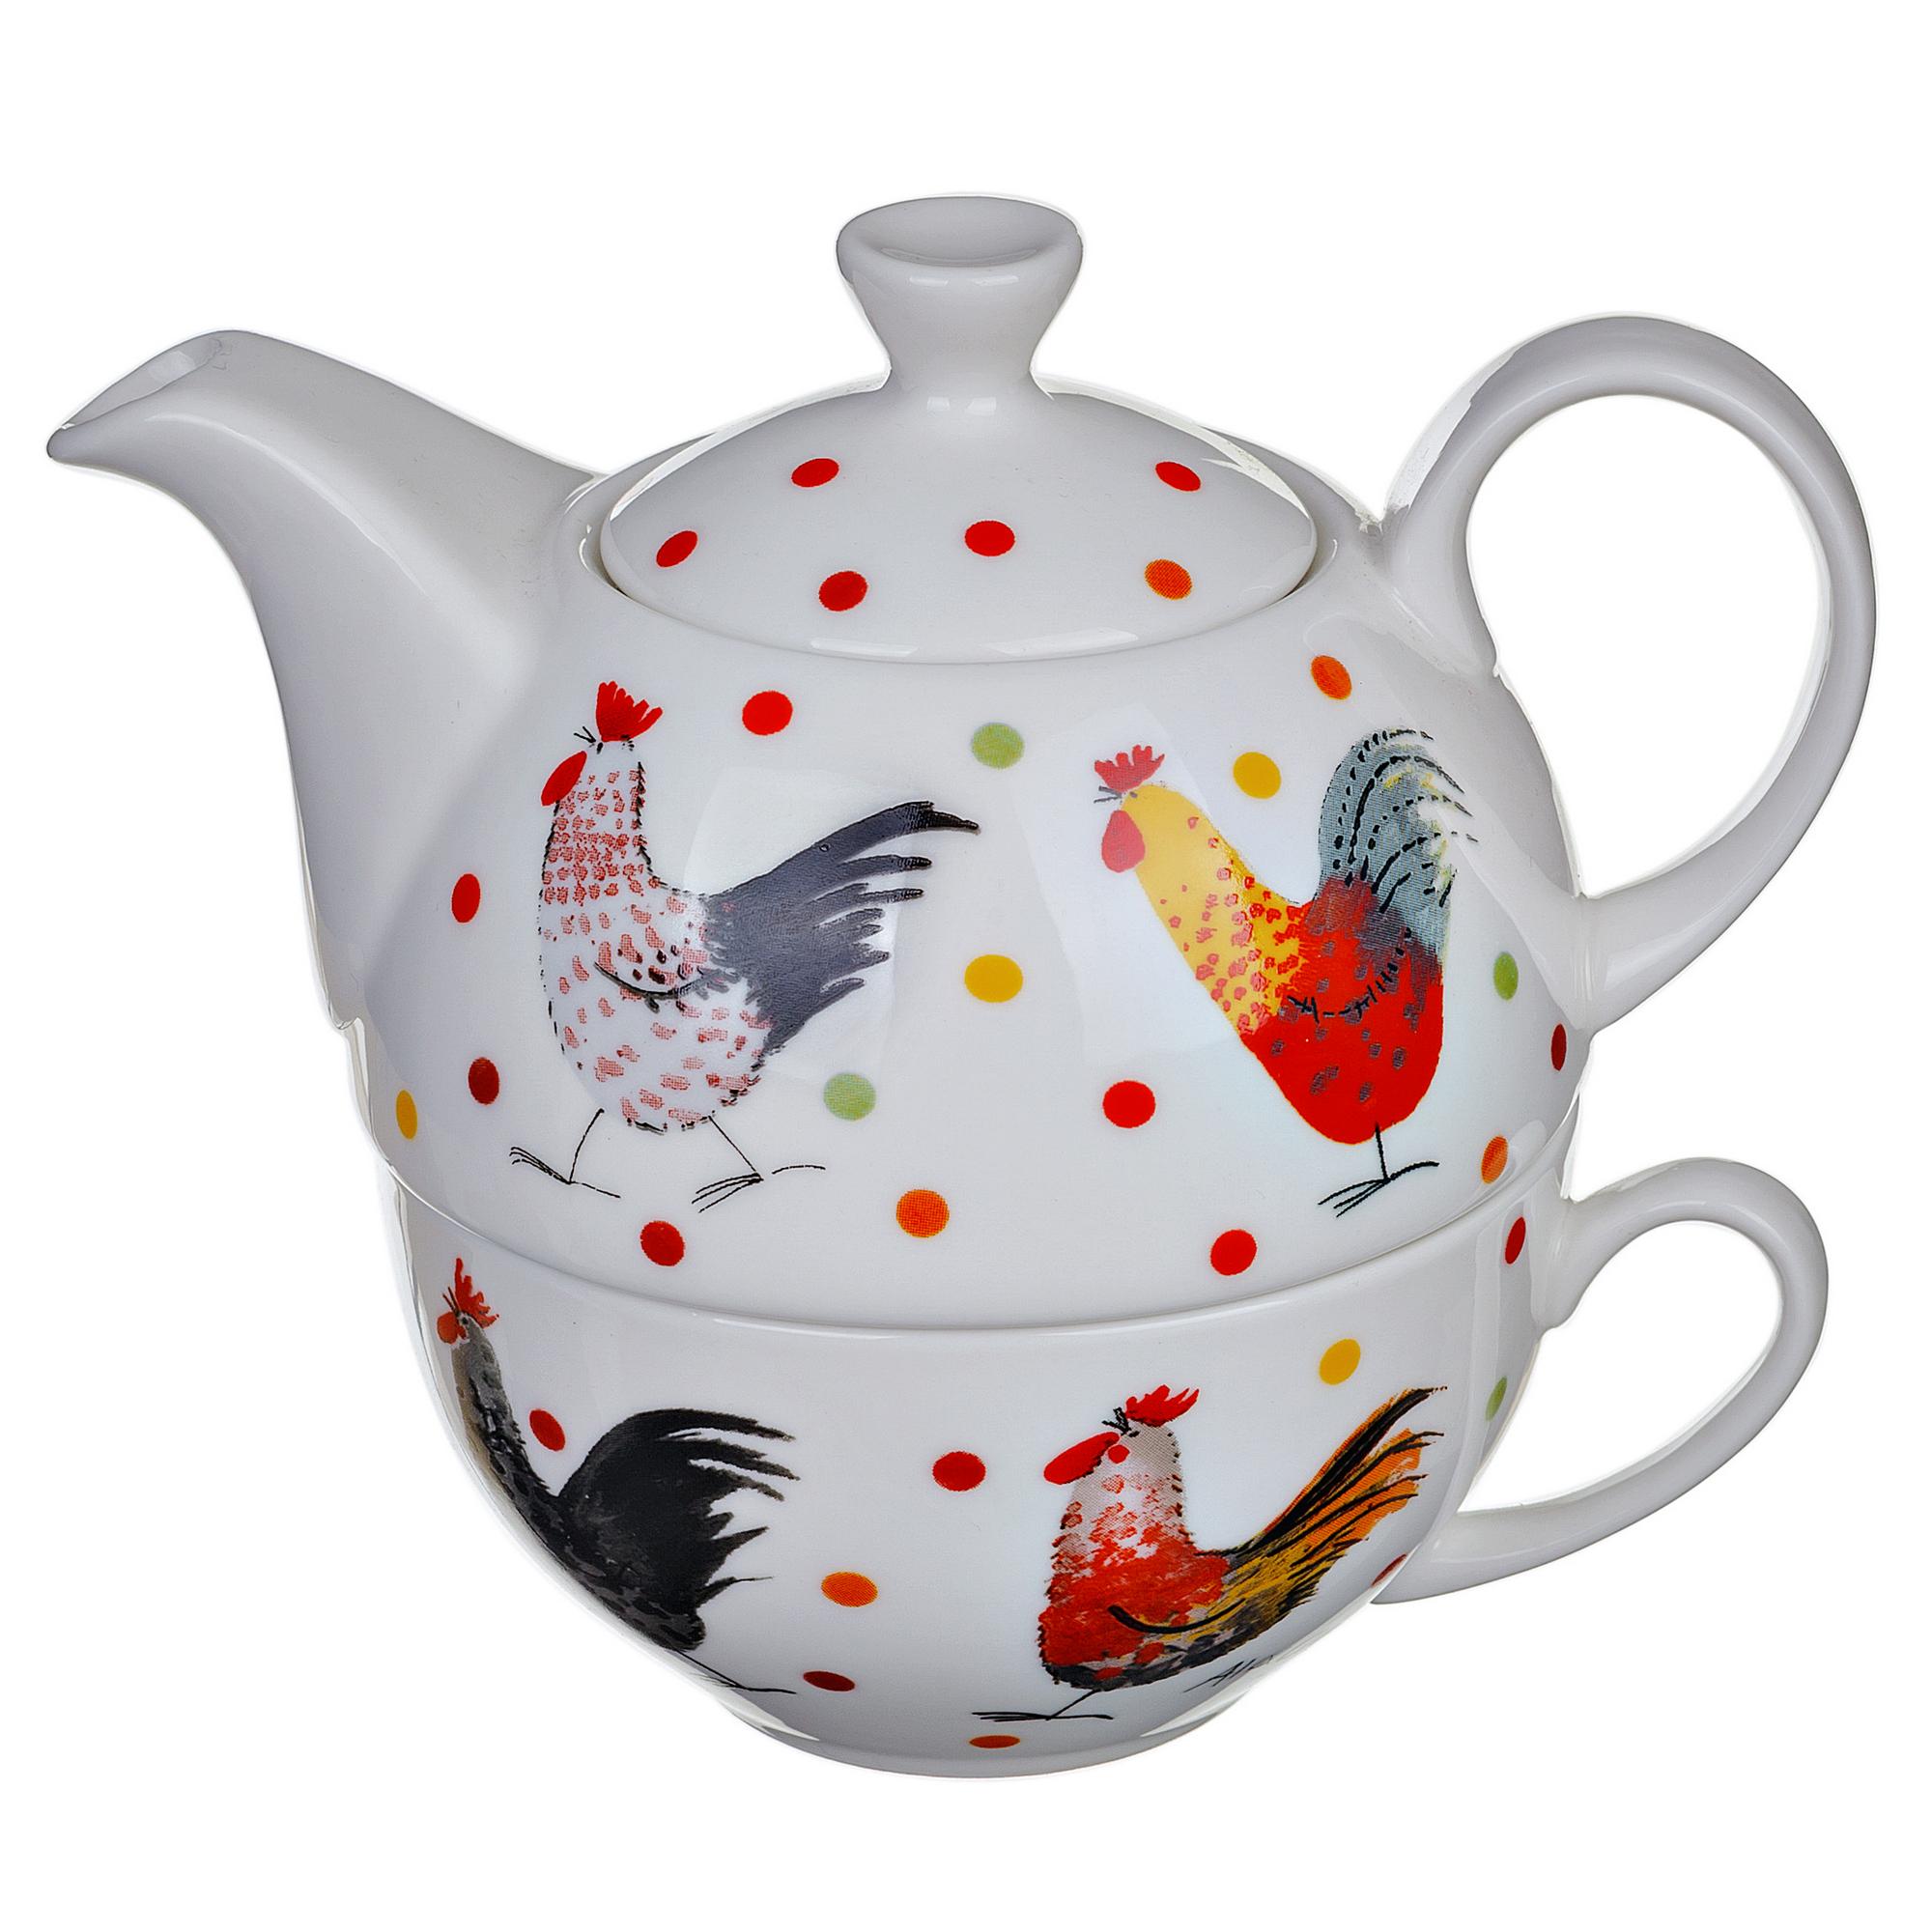 Набор: кружка и чайник петухи Churchill 0,4/0,2 л churchill кружка котята 0 37 л alck00651 churchill